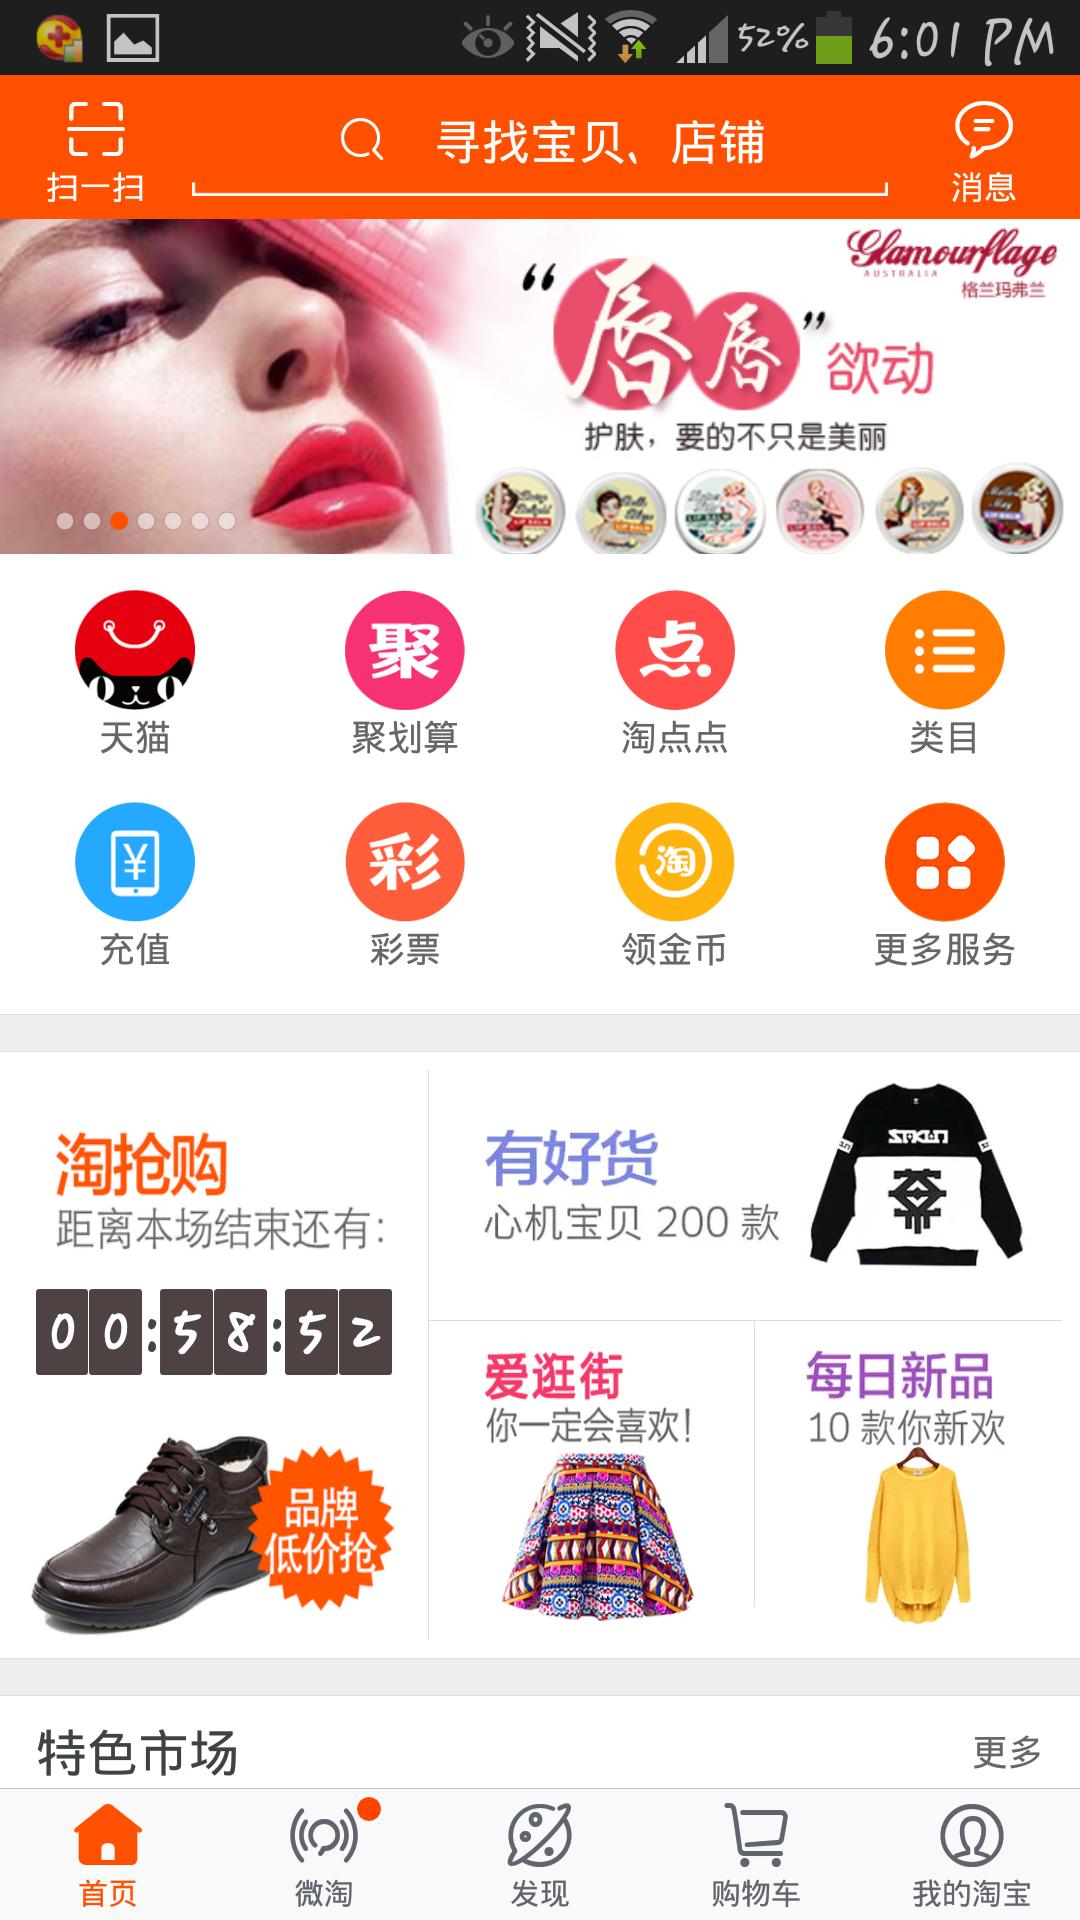 东方智启科技APP开发-微店商城APP公司打造助力企业转型营销工具